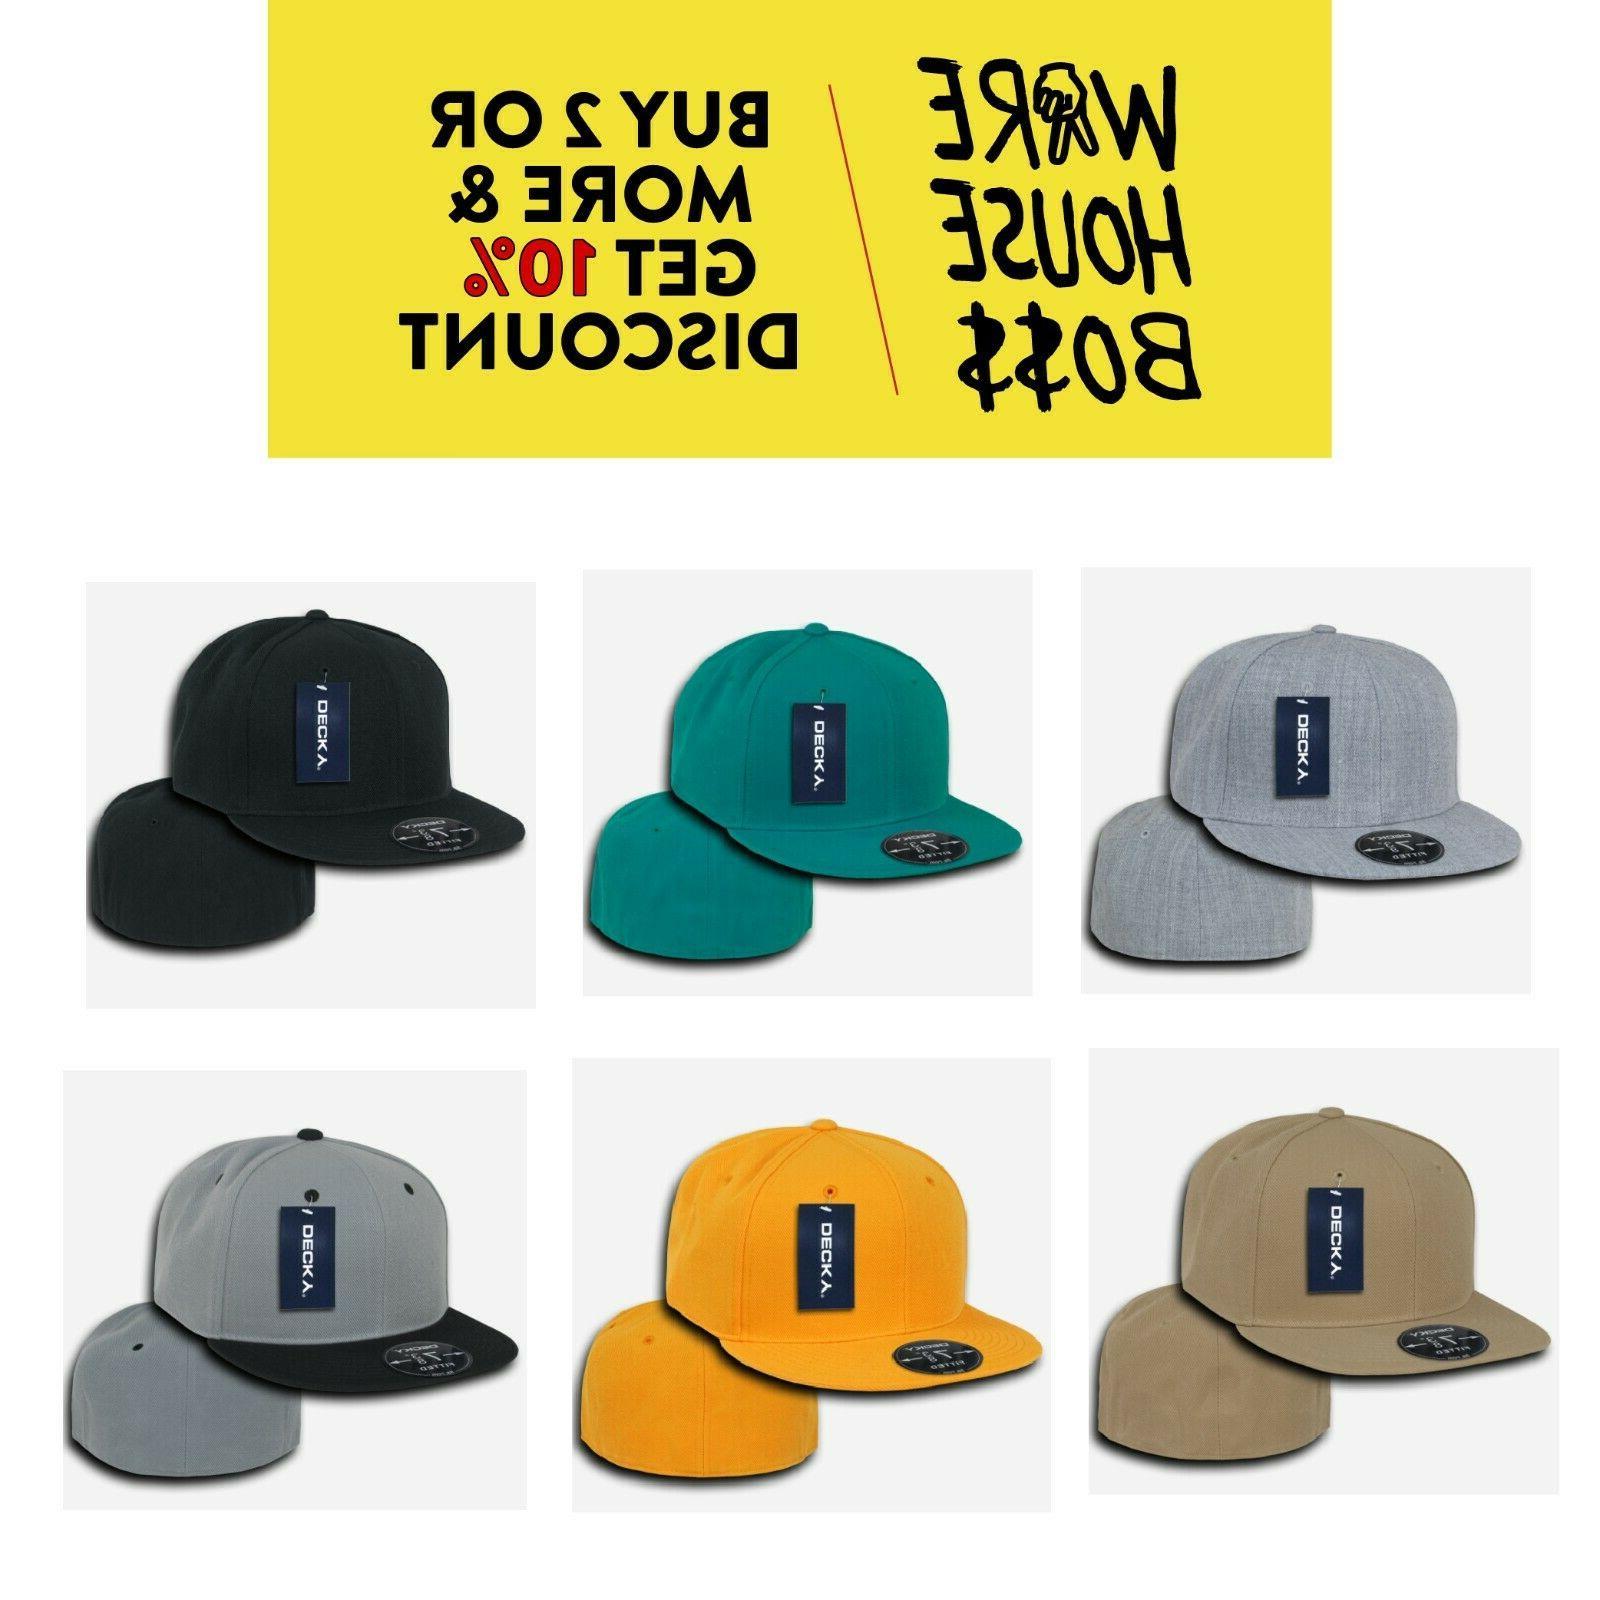 DECKY RP1 MEN'S CASUAL HAT FLAT-BILL BASEBALL CAP PLAIN FITT